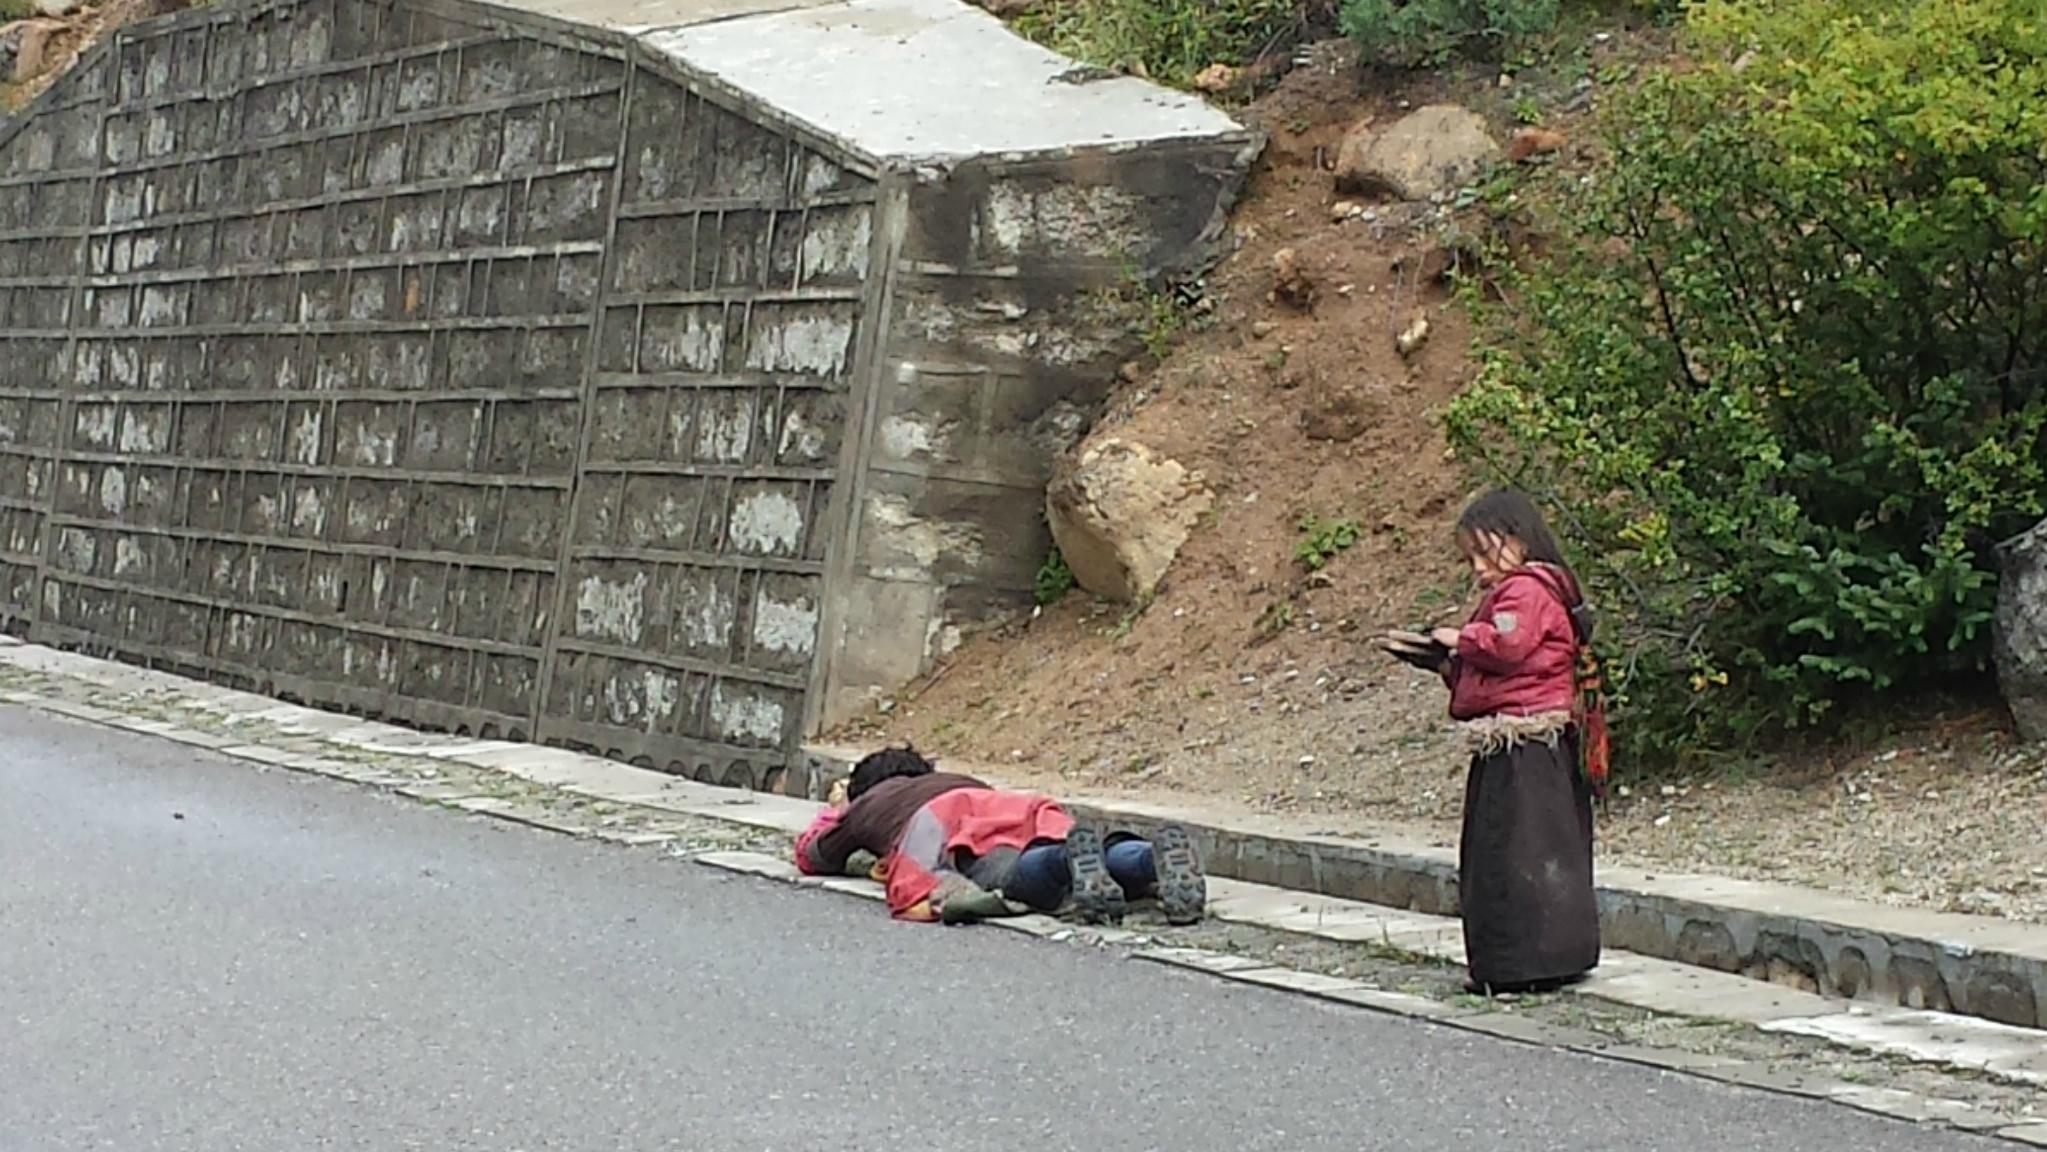 川藏南线徒行-西藏篇—信念在脚下,一步一步去完成你的世界吧!